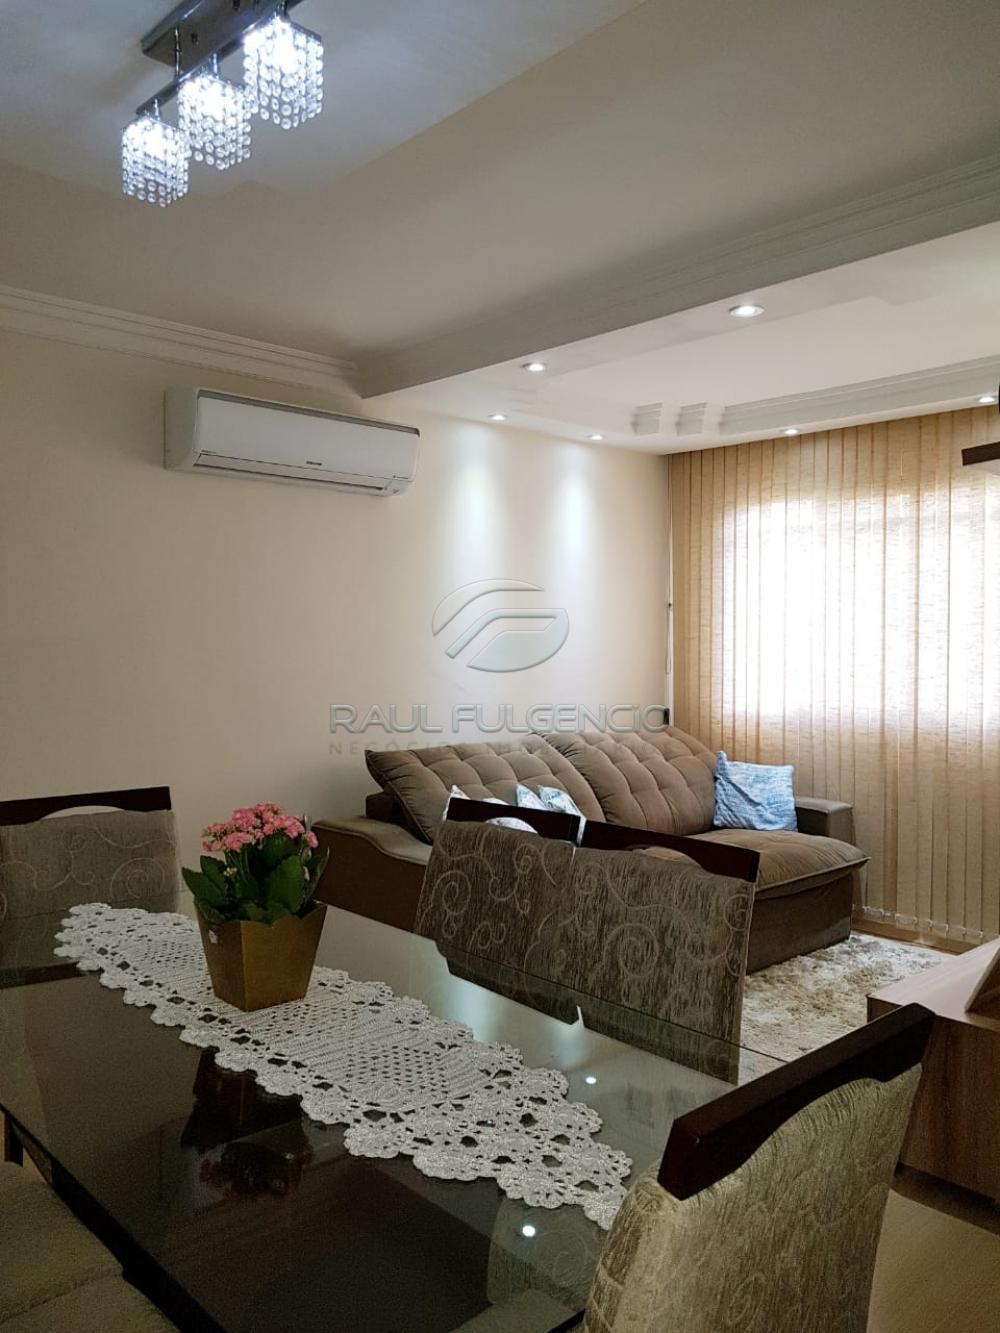 Comprar Apartamento / Padrão em Londrina apenas R$ 285.000,00 - Foto 6